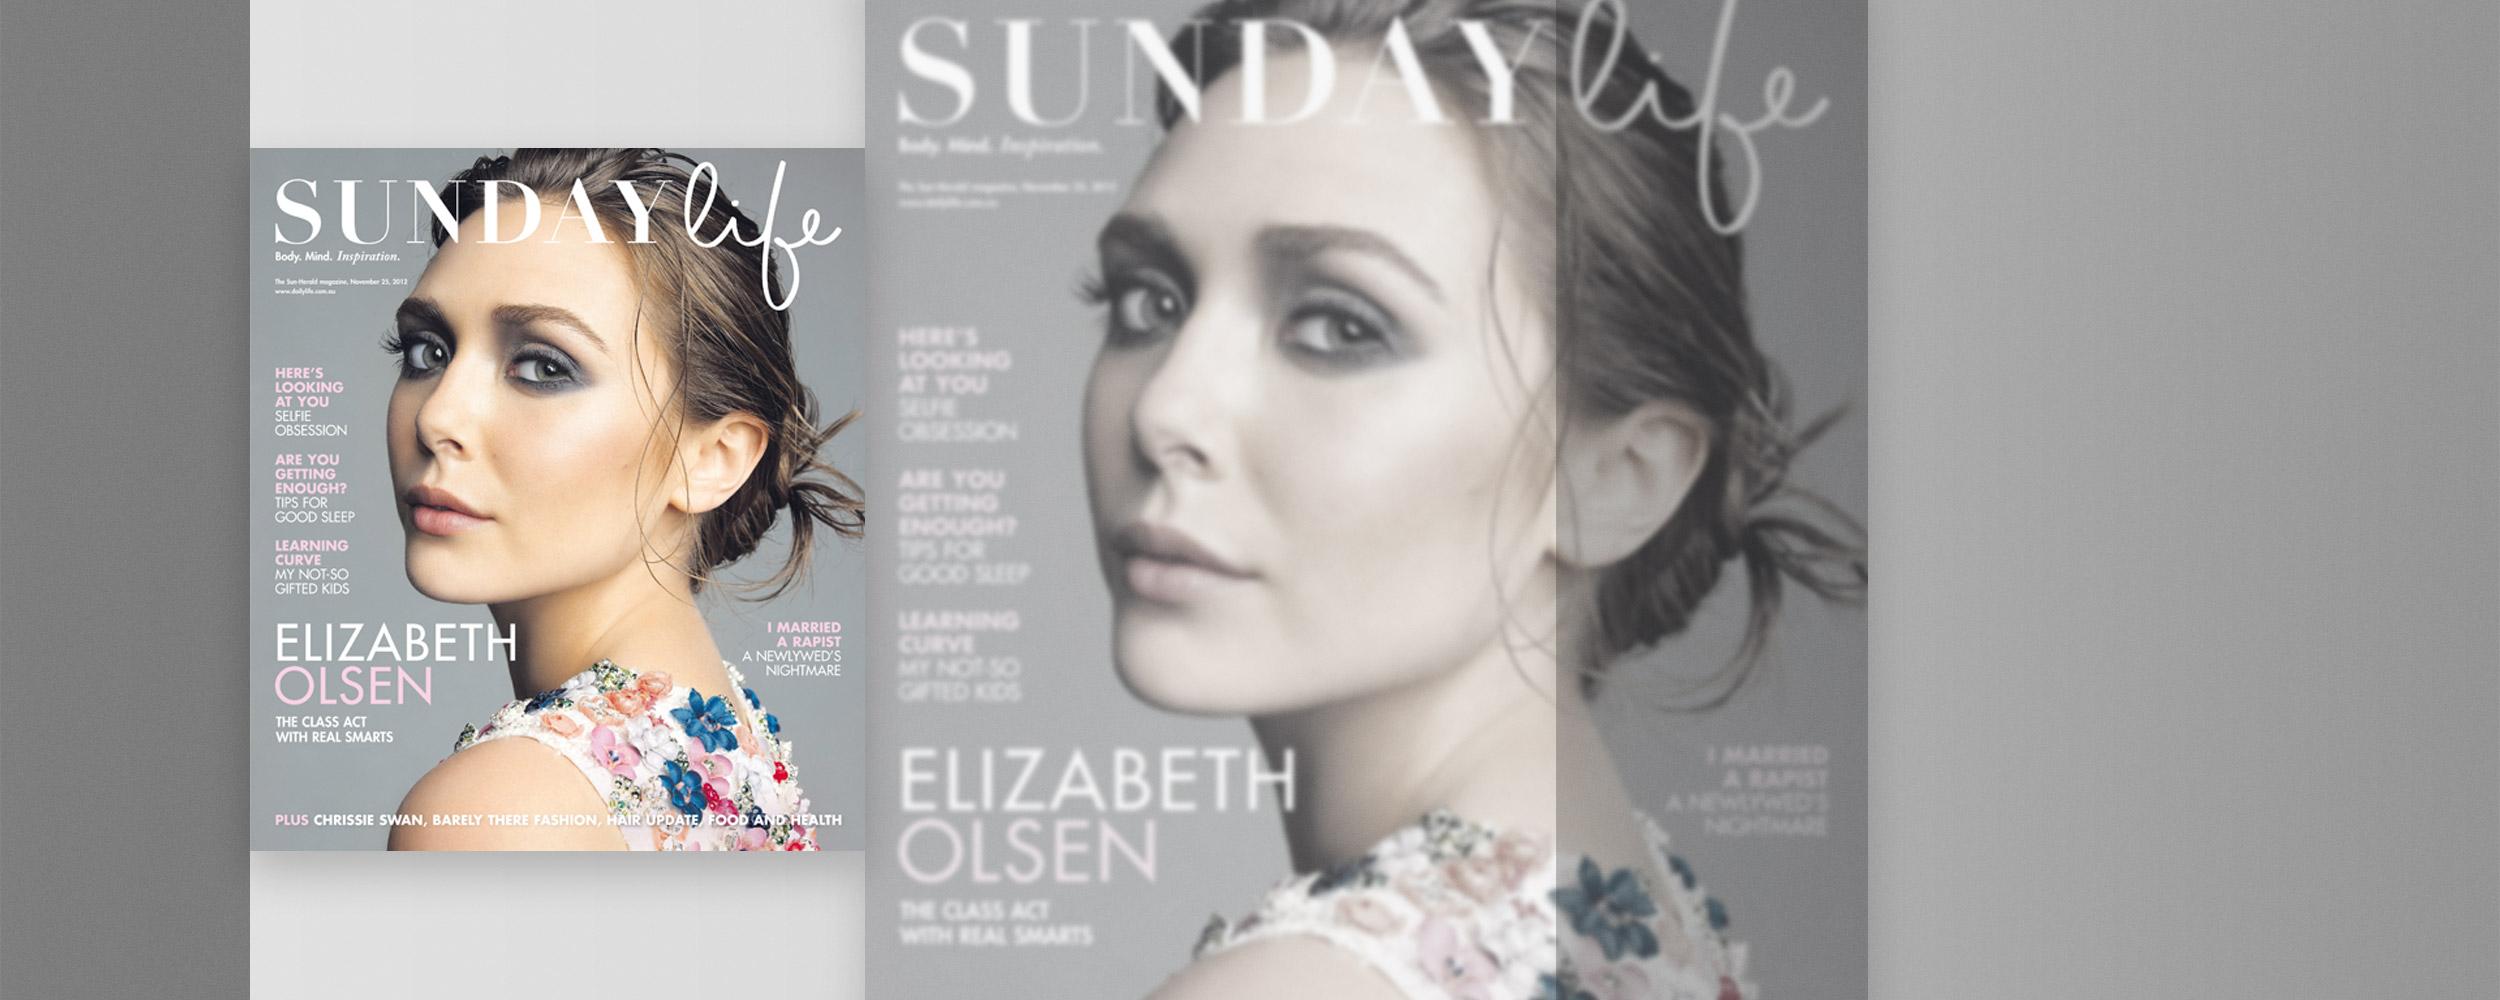 Sunday Life Magazine